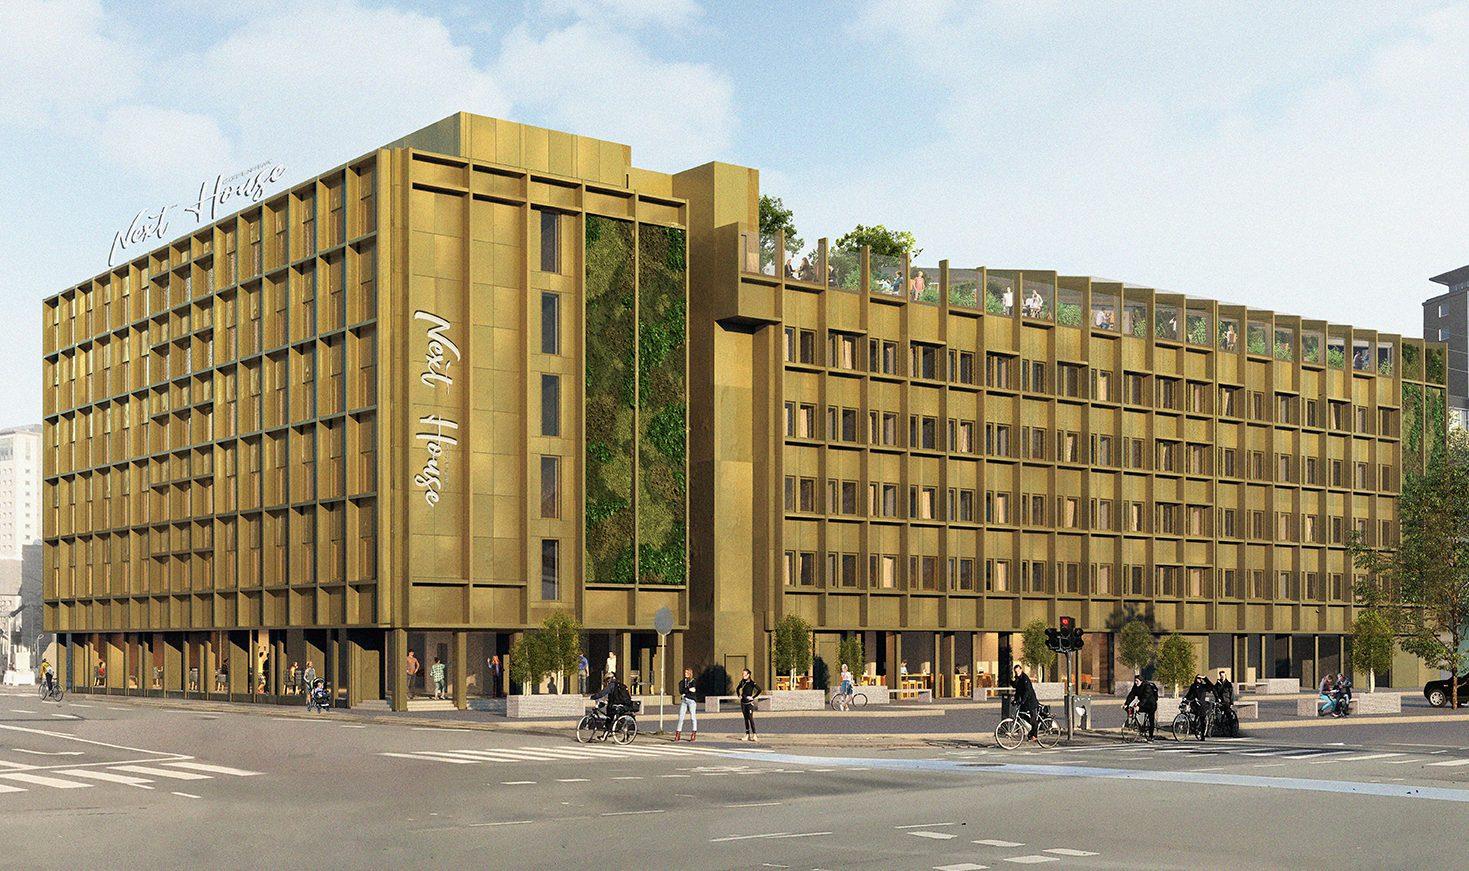 Københavns kommende store hostel, Next House Copenhagen, åbner næste sommer tæt på Tivoli og Hovedbanegården. Facaden bliver helt ny i messing.Bag det nye hostel står Arp-Hansen Hotel Group. PR-illustration.